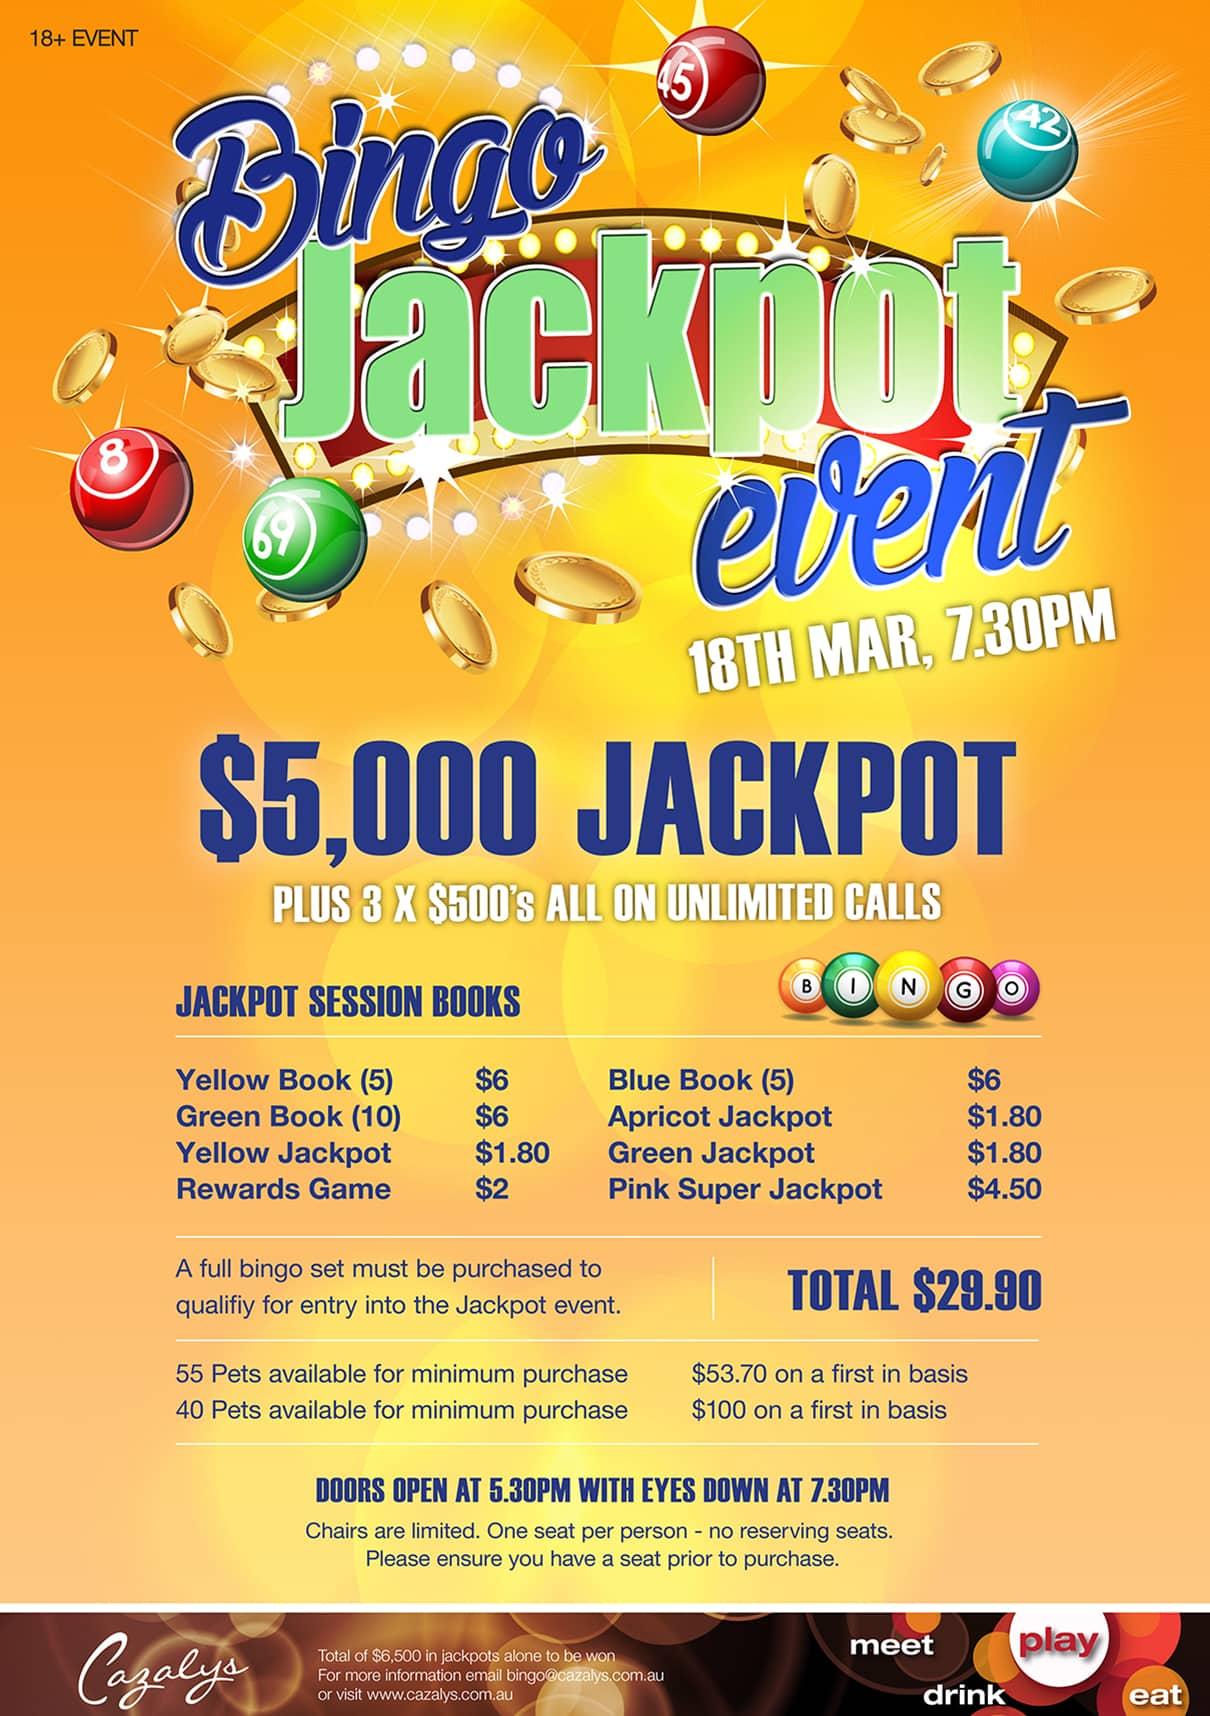 Bingo Jackpot March 18